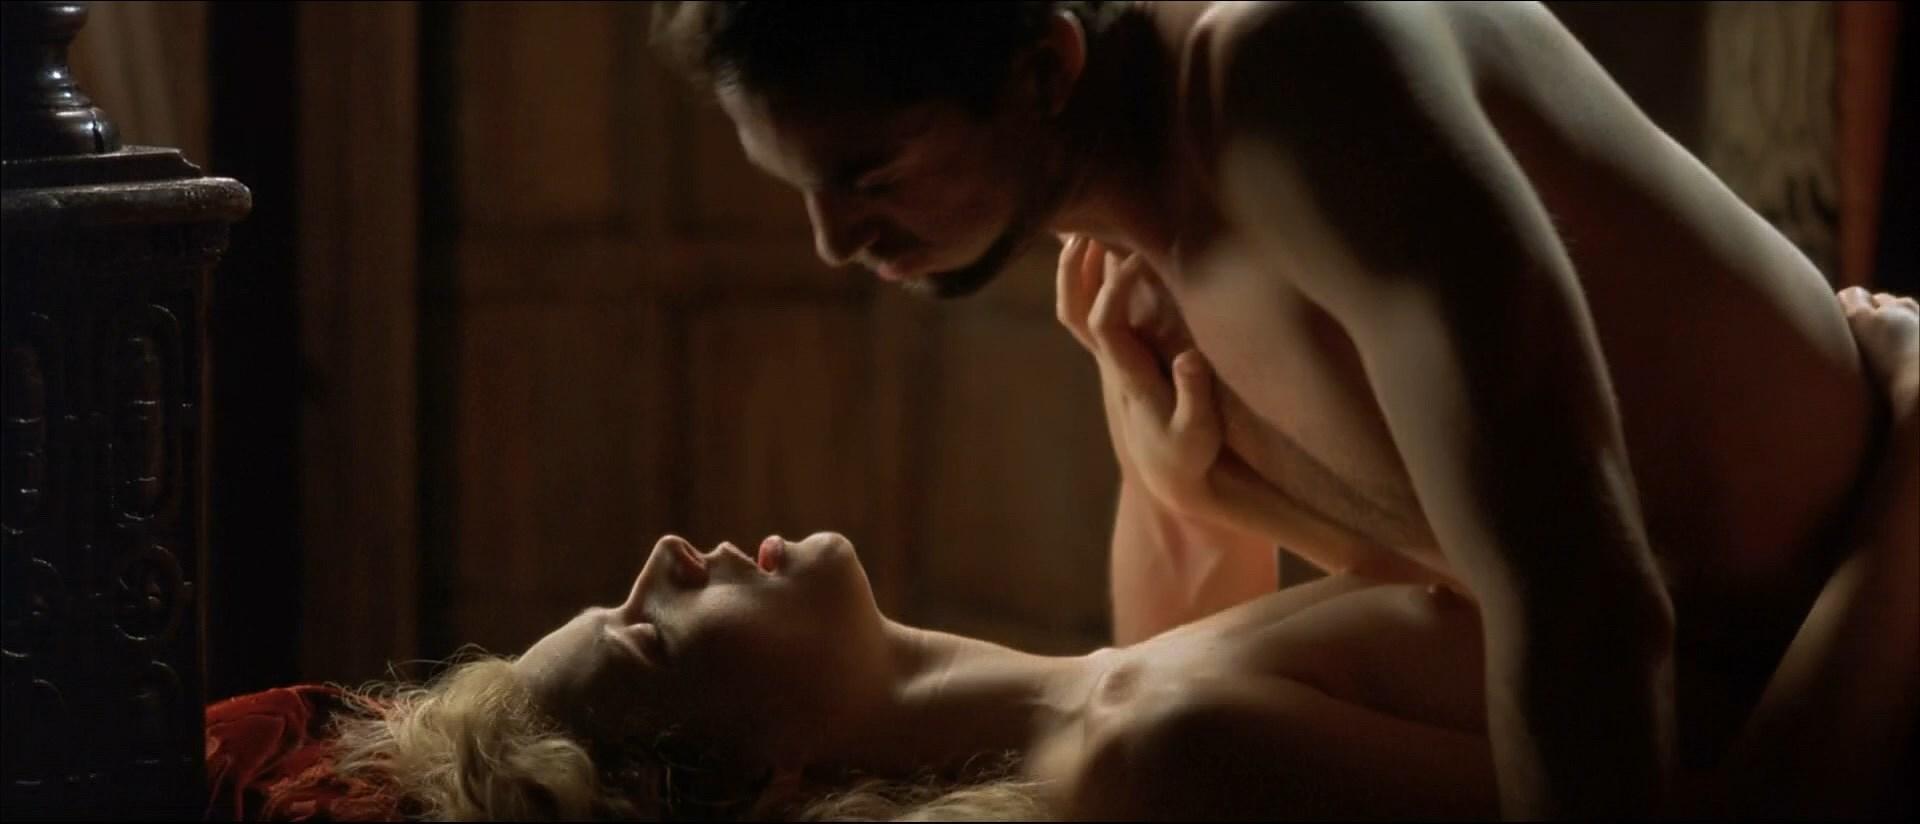 работаете секс сцена в фильме зашла спальную